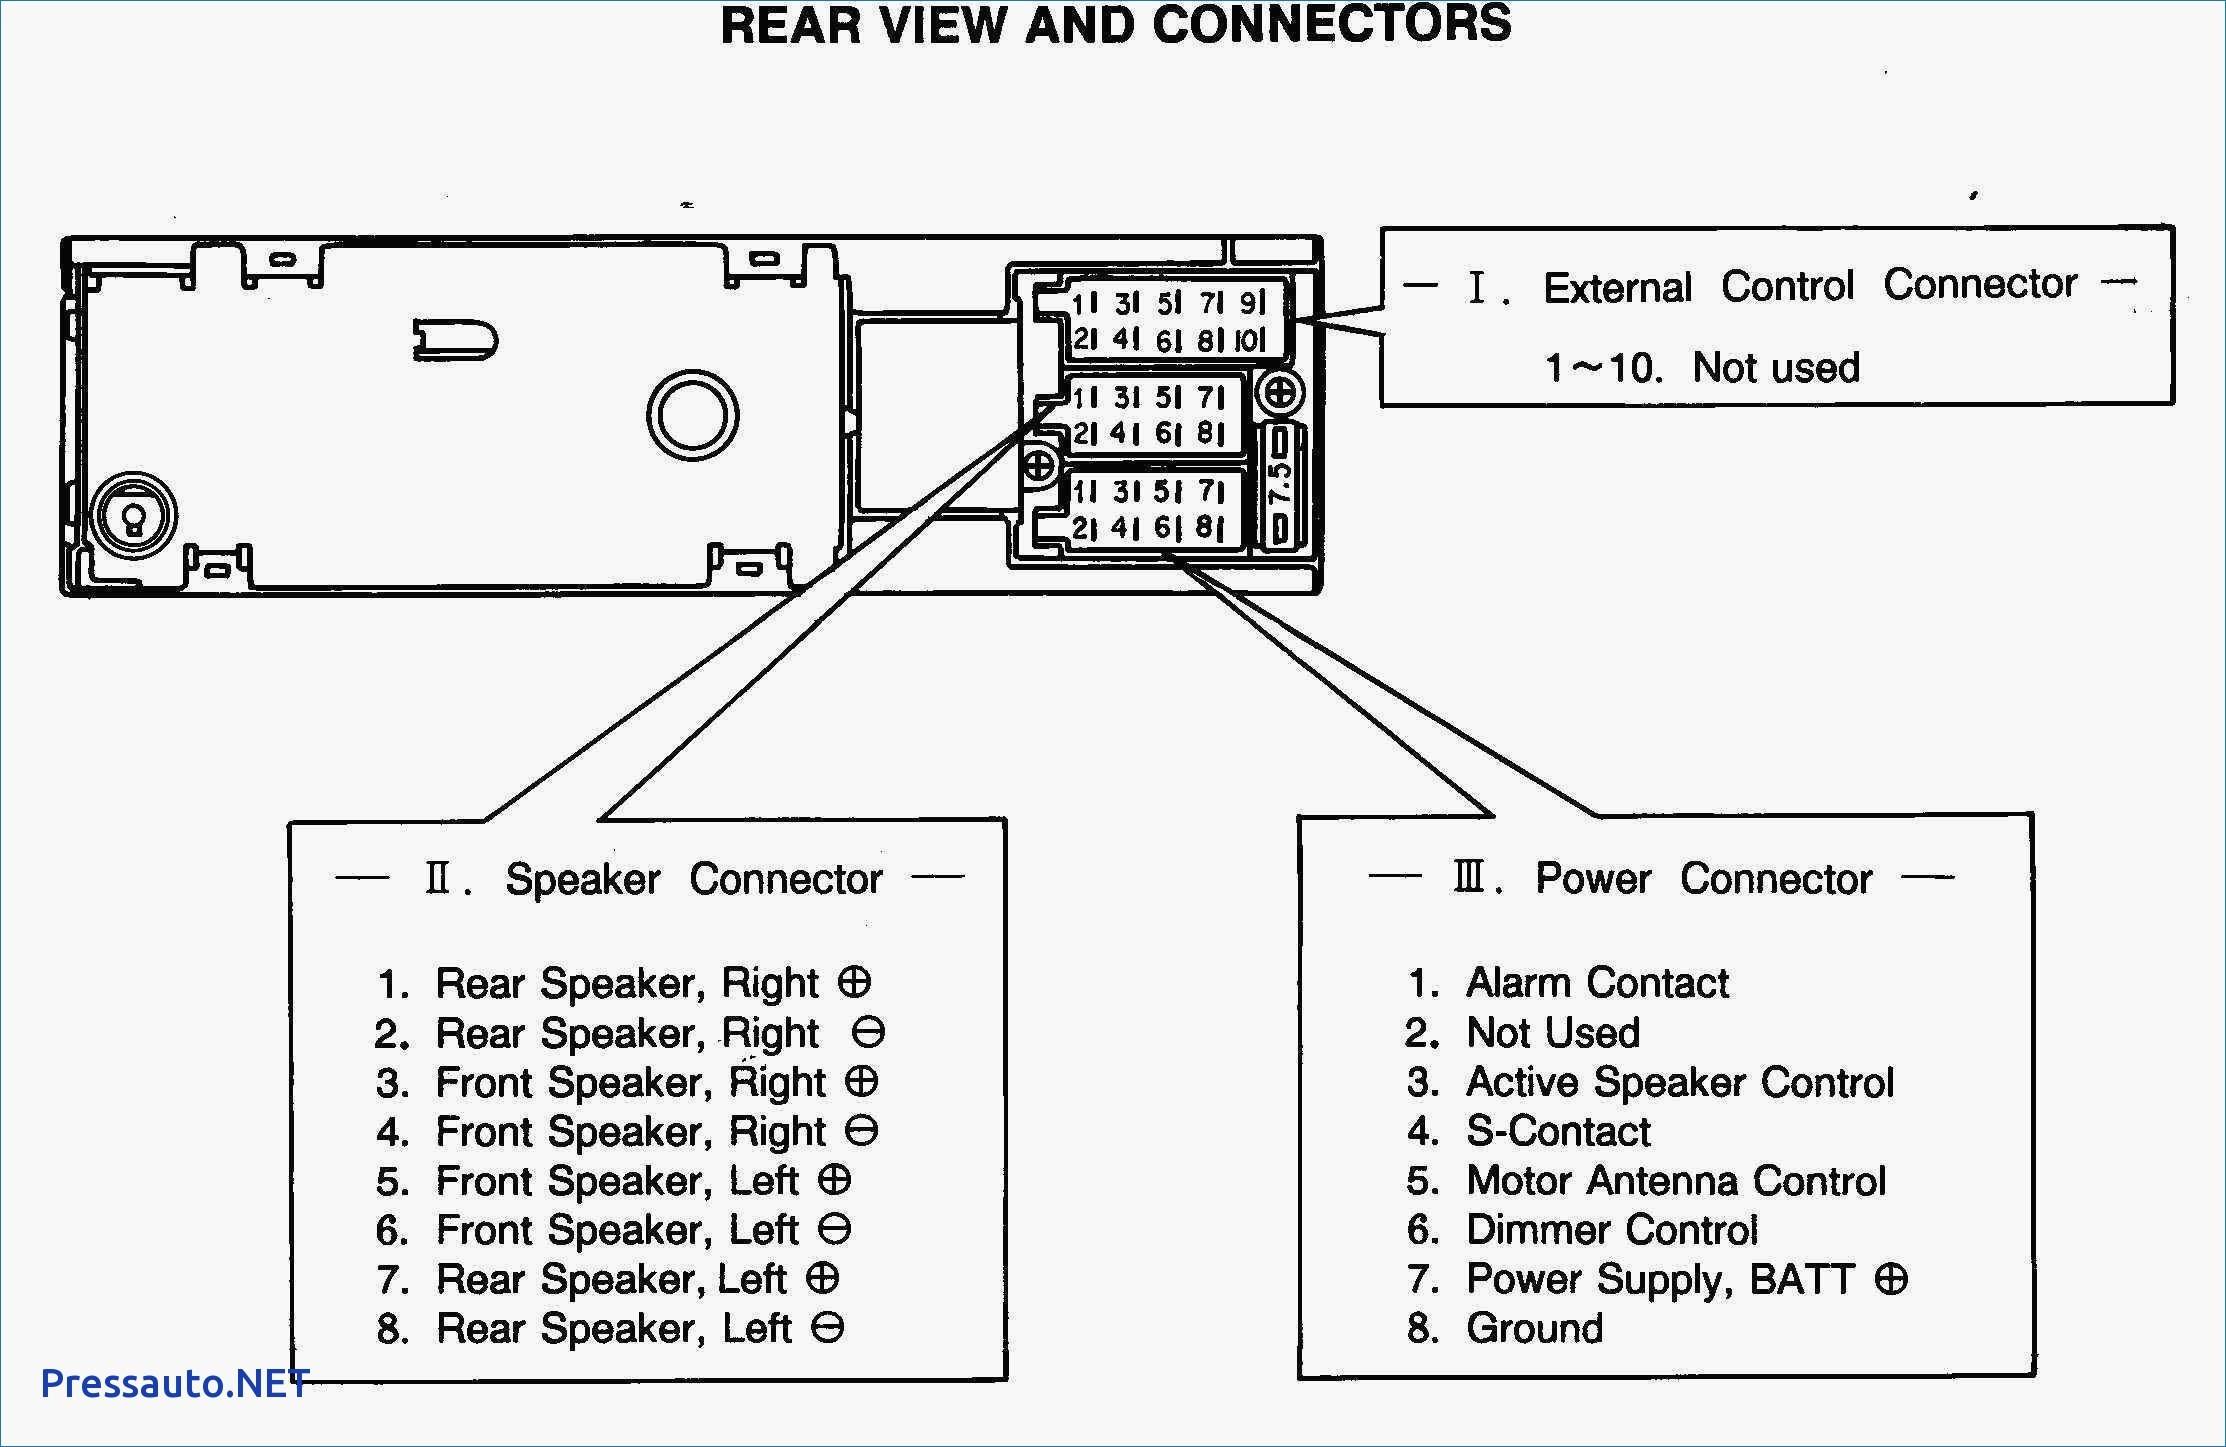 Car Speakers Wiring Diagram Fresh Speaker Wiring Diagram Series Vs Parallel Diagram Of Car Speakers Wiring Diagram